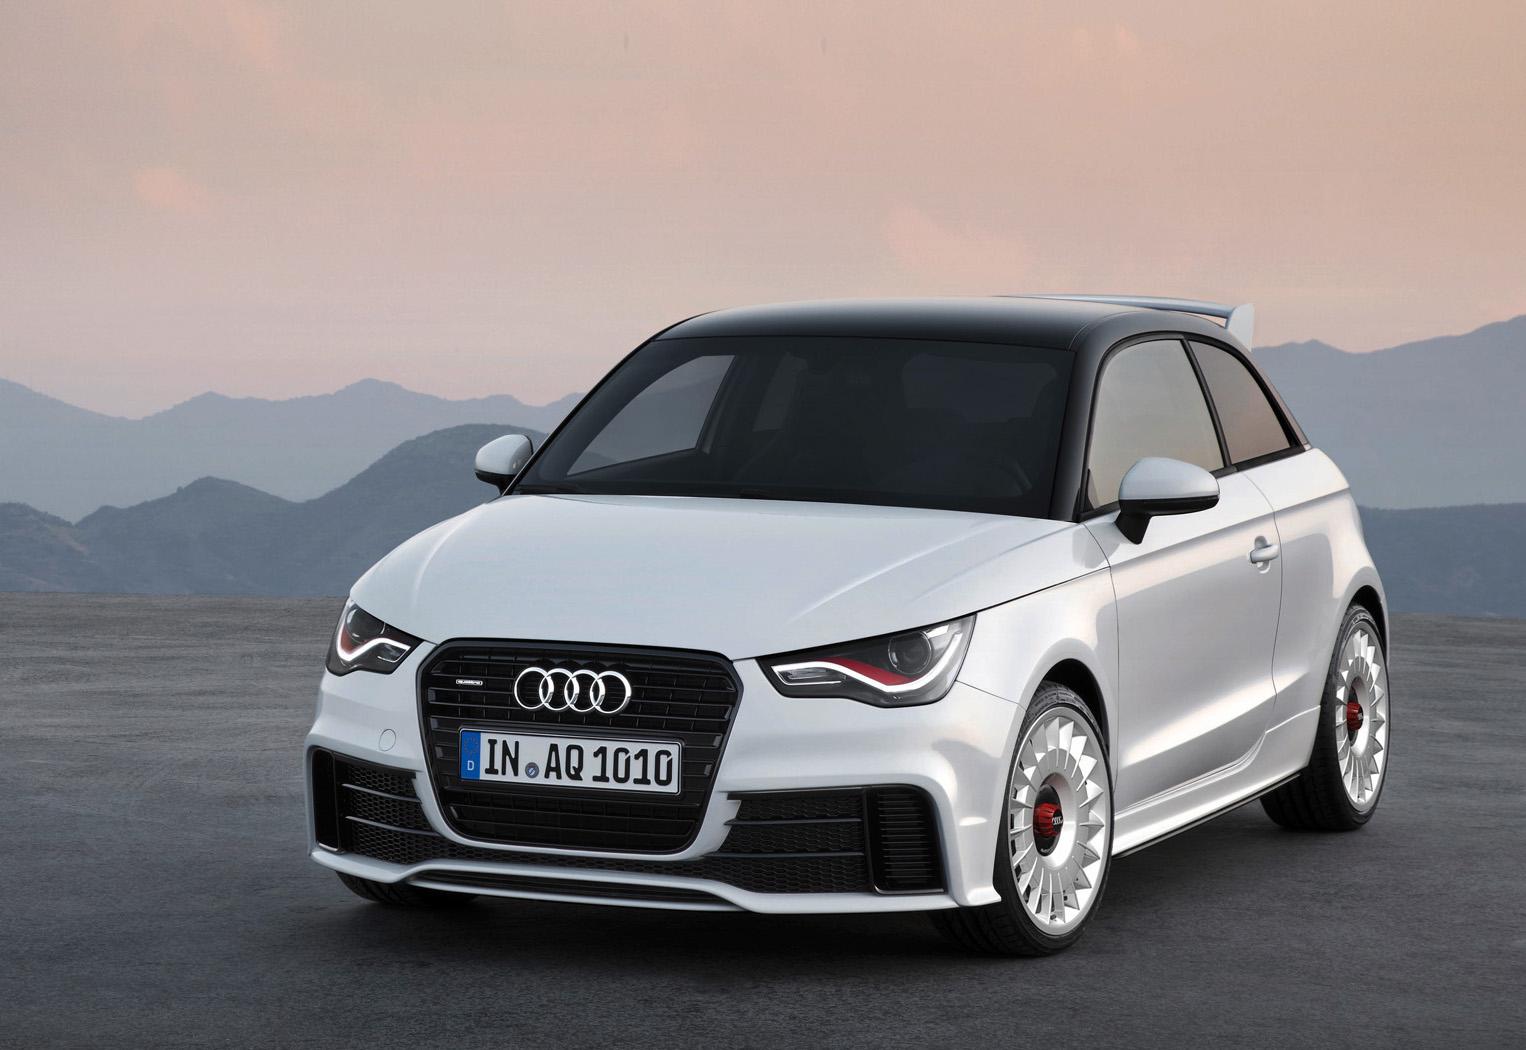 Design Exterieur 7 19 Audi A1 Quattro 2012 Http Audi A1 Free Fr